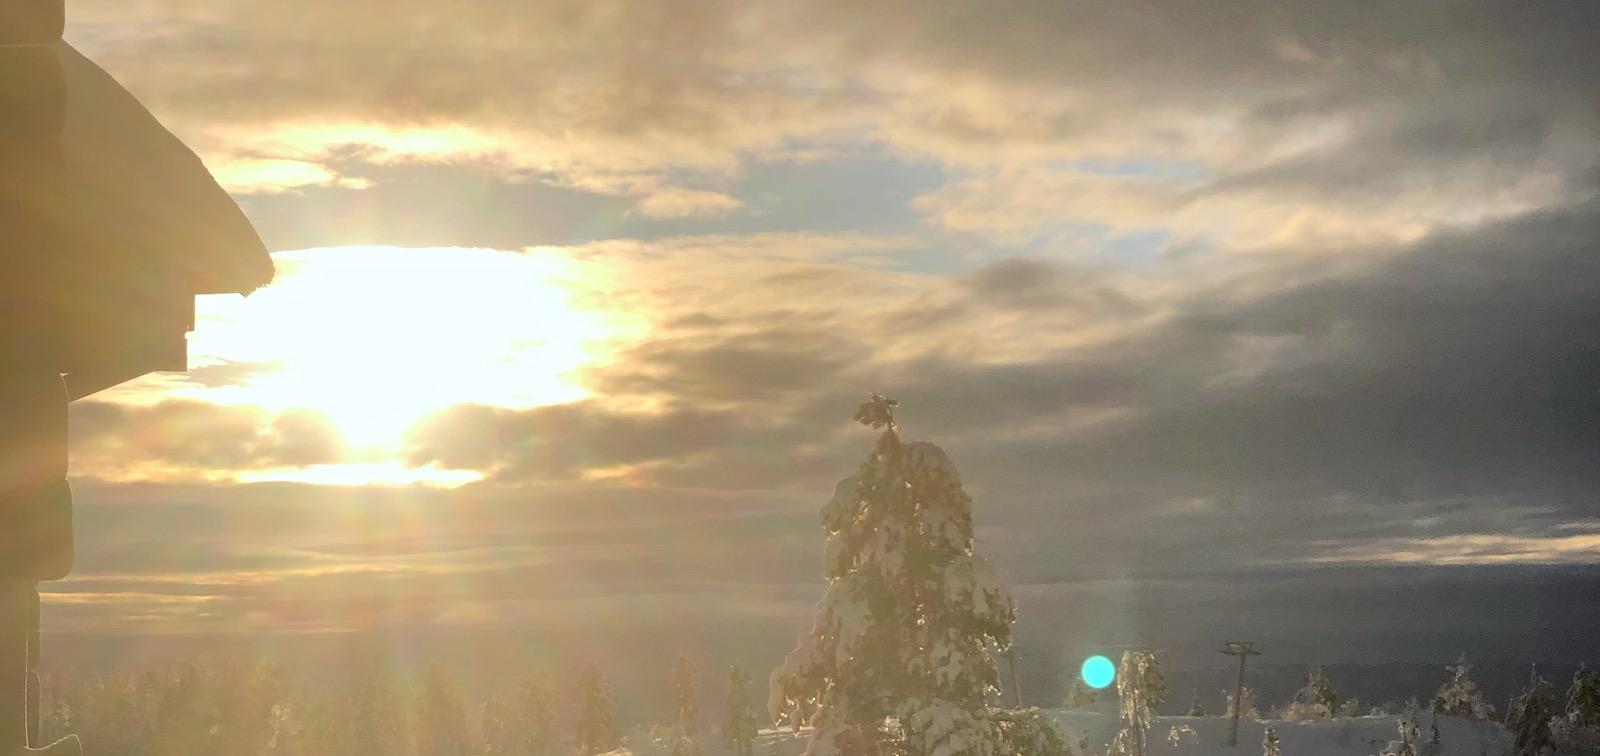 Gott nytt och den där solstrålen!